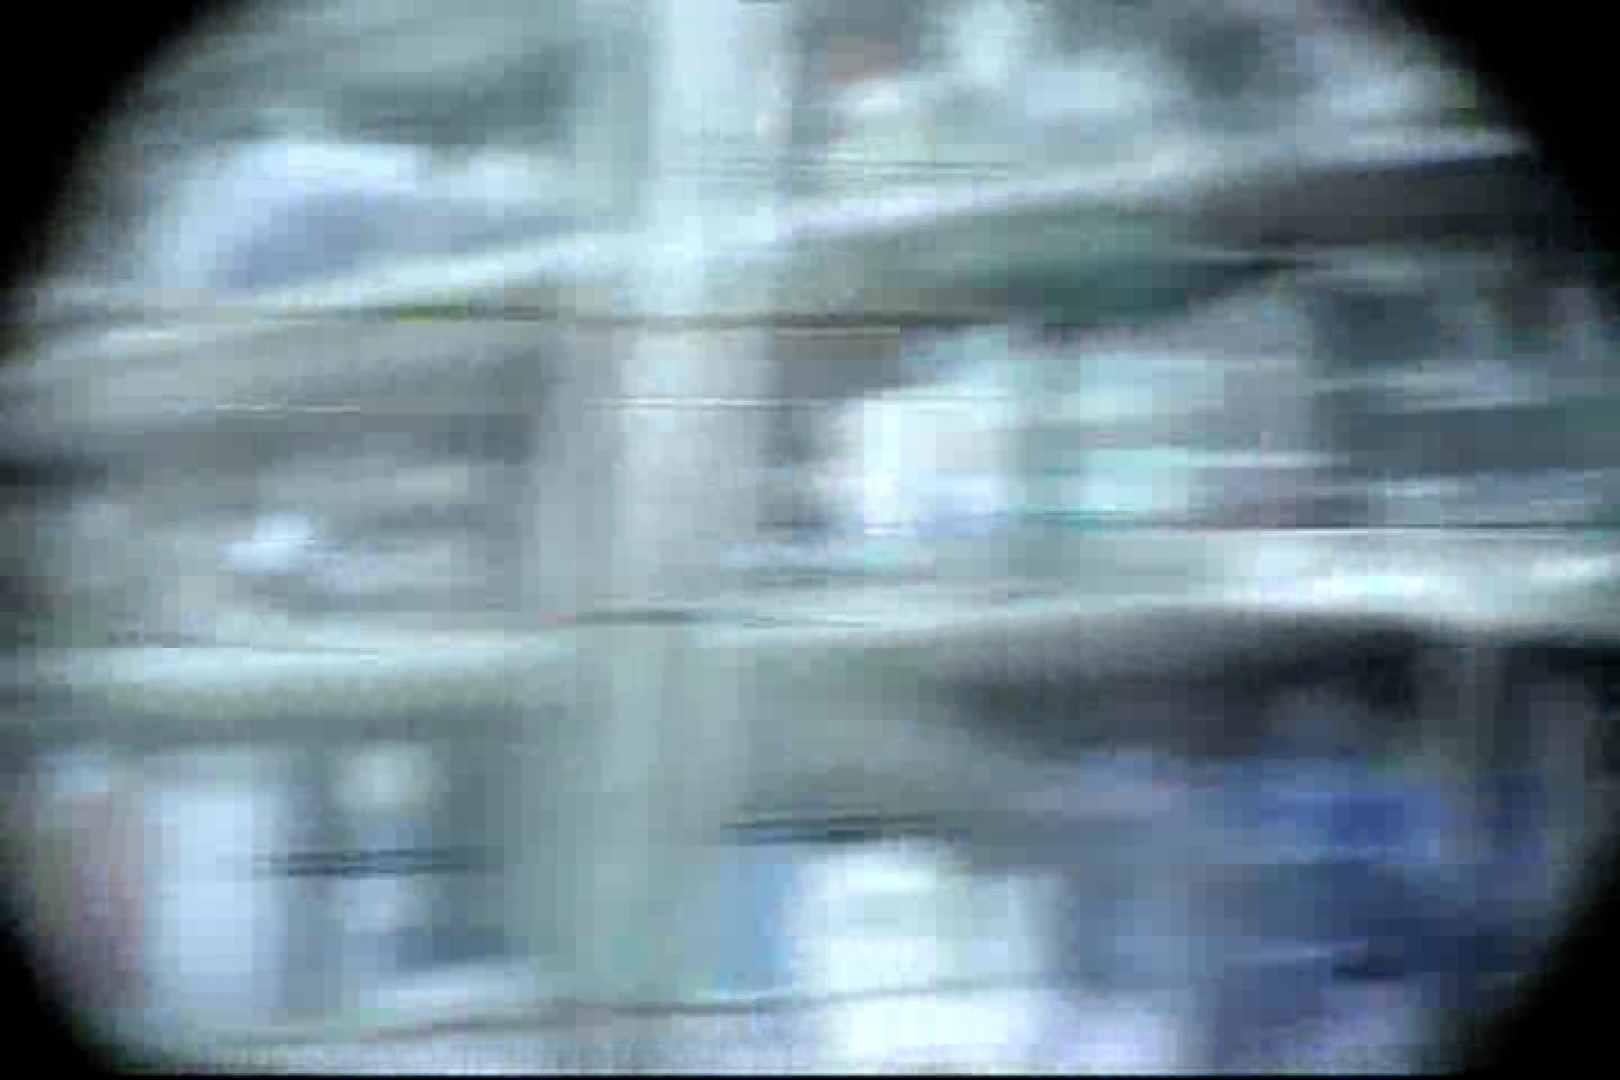 がぶりより!!ムレヌレパンツVol.1 チラ セックス画像 81PIX 71